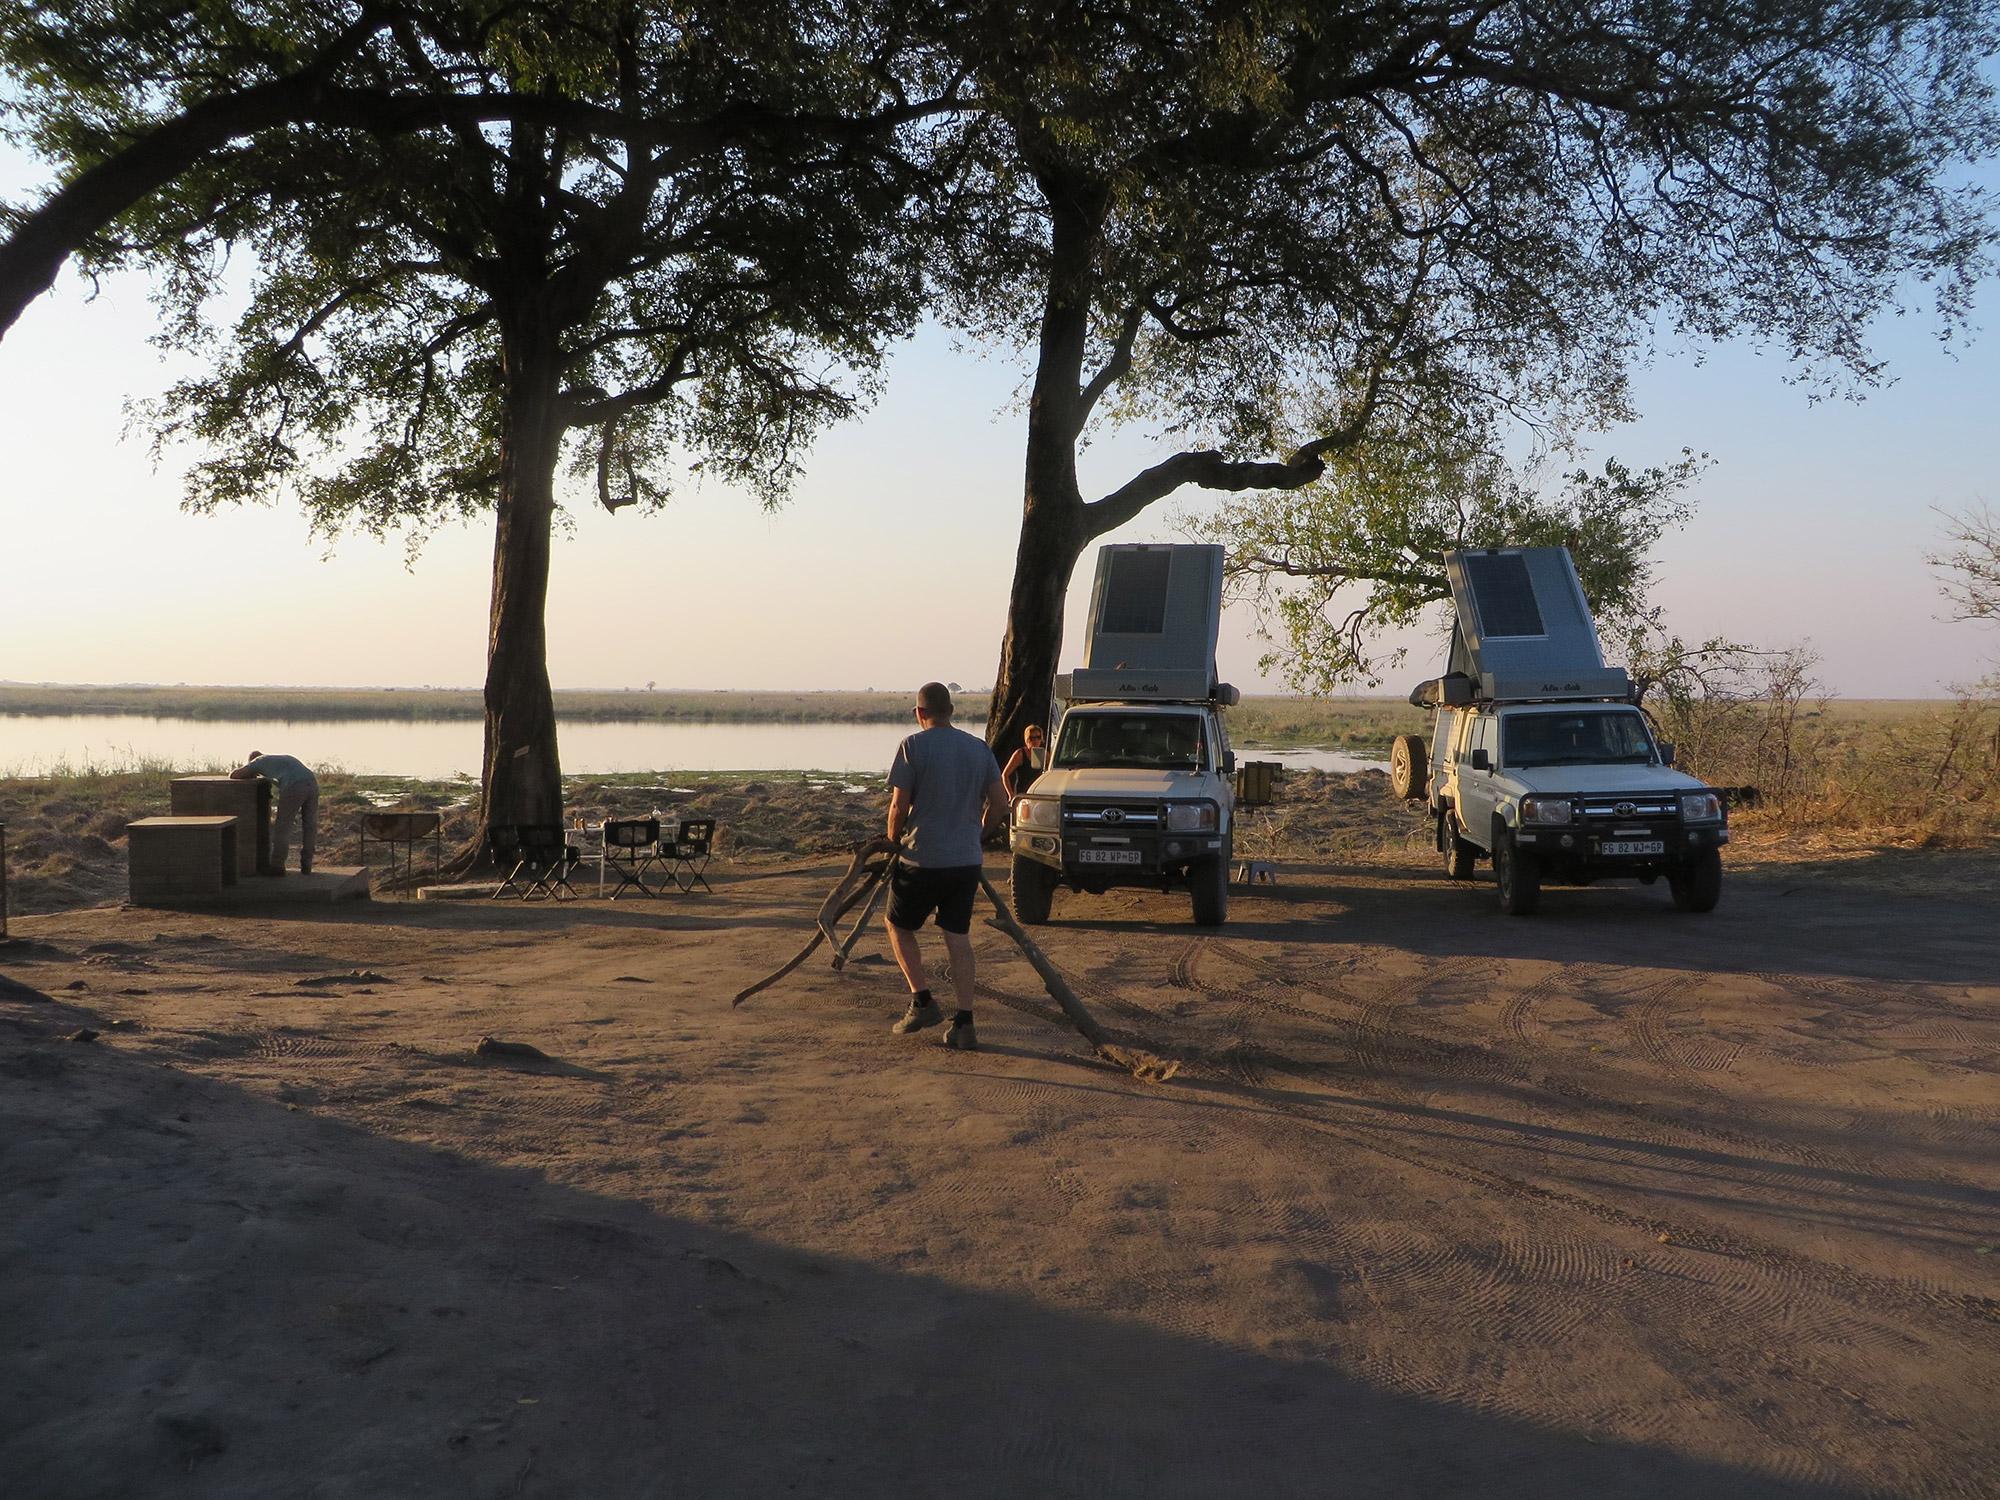 De volgers van Reizen & Reistips: Eric en Claudia - Camping Linyanti in Chobe National Park, Botswana